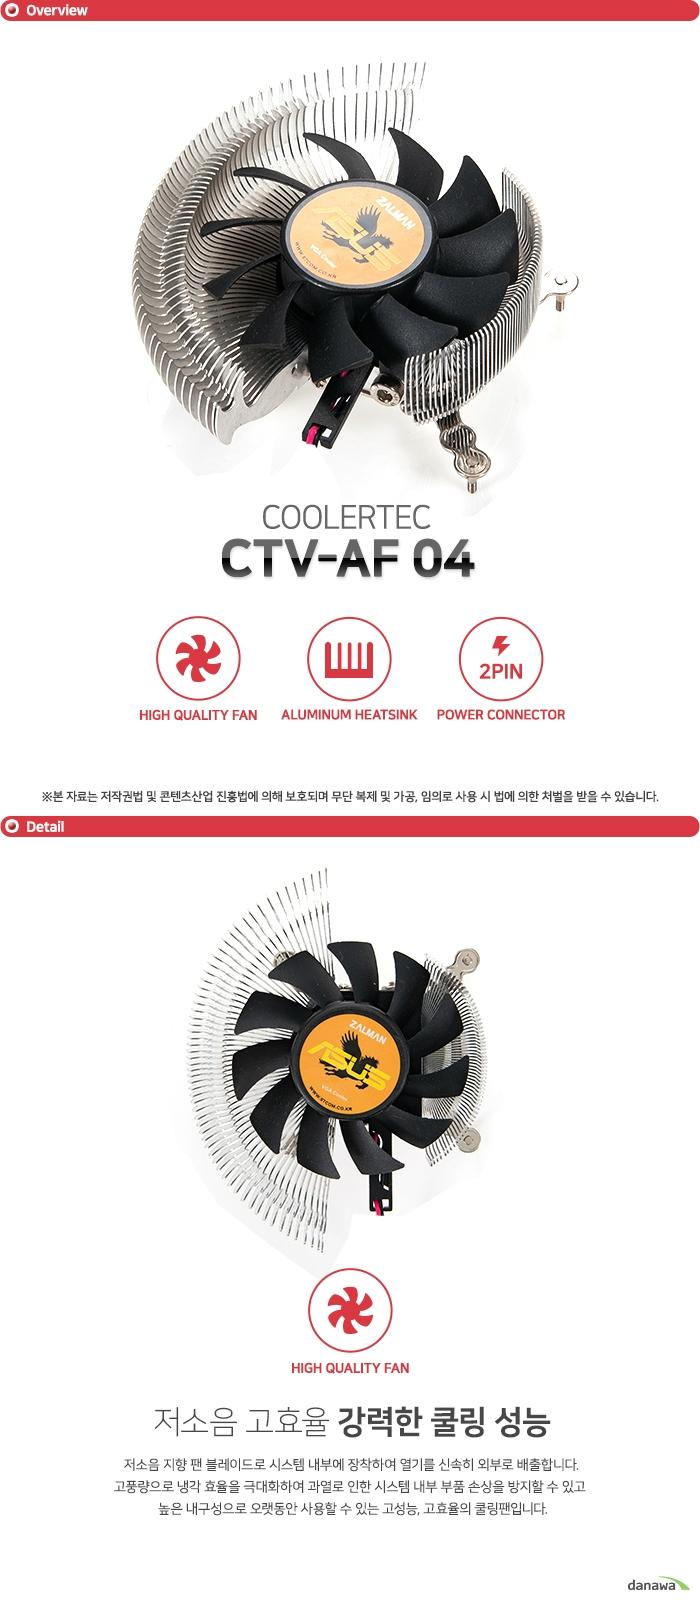 COOLERTEC  CTV-AF 04